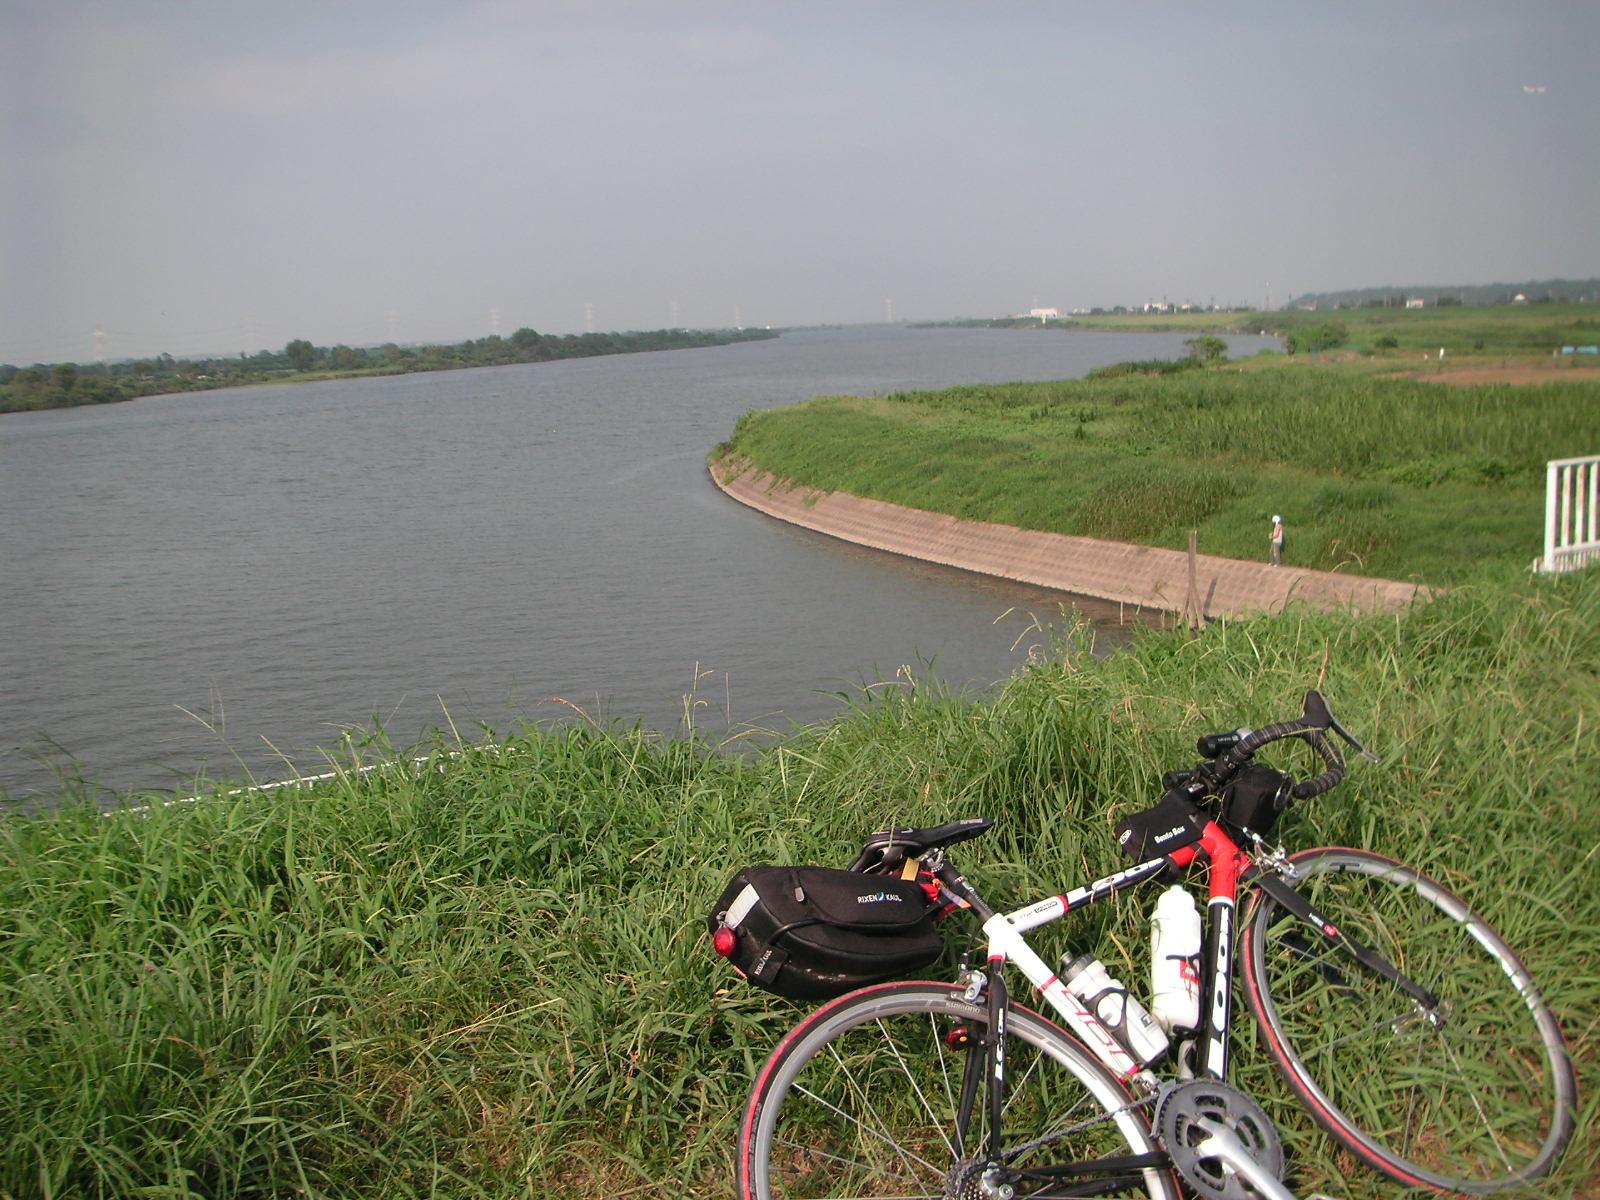 自転車の 自転車 千葉県 最大 : 江戸川~利根川~印旛沼